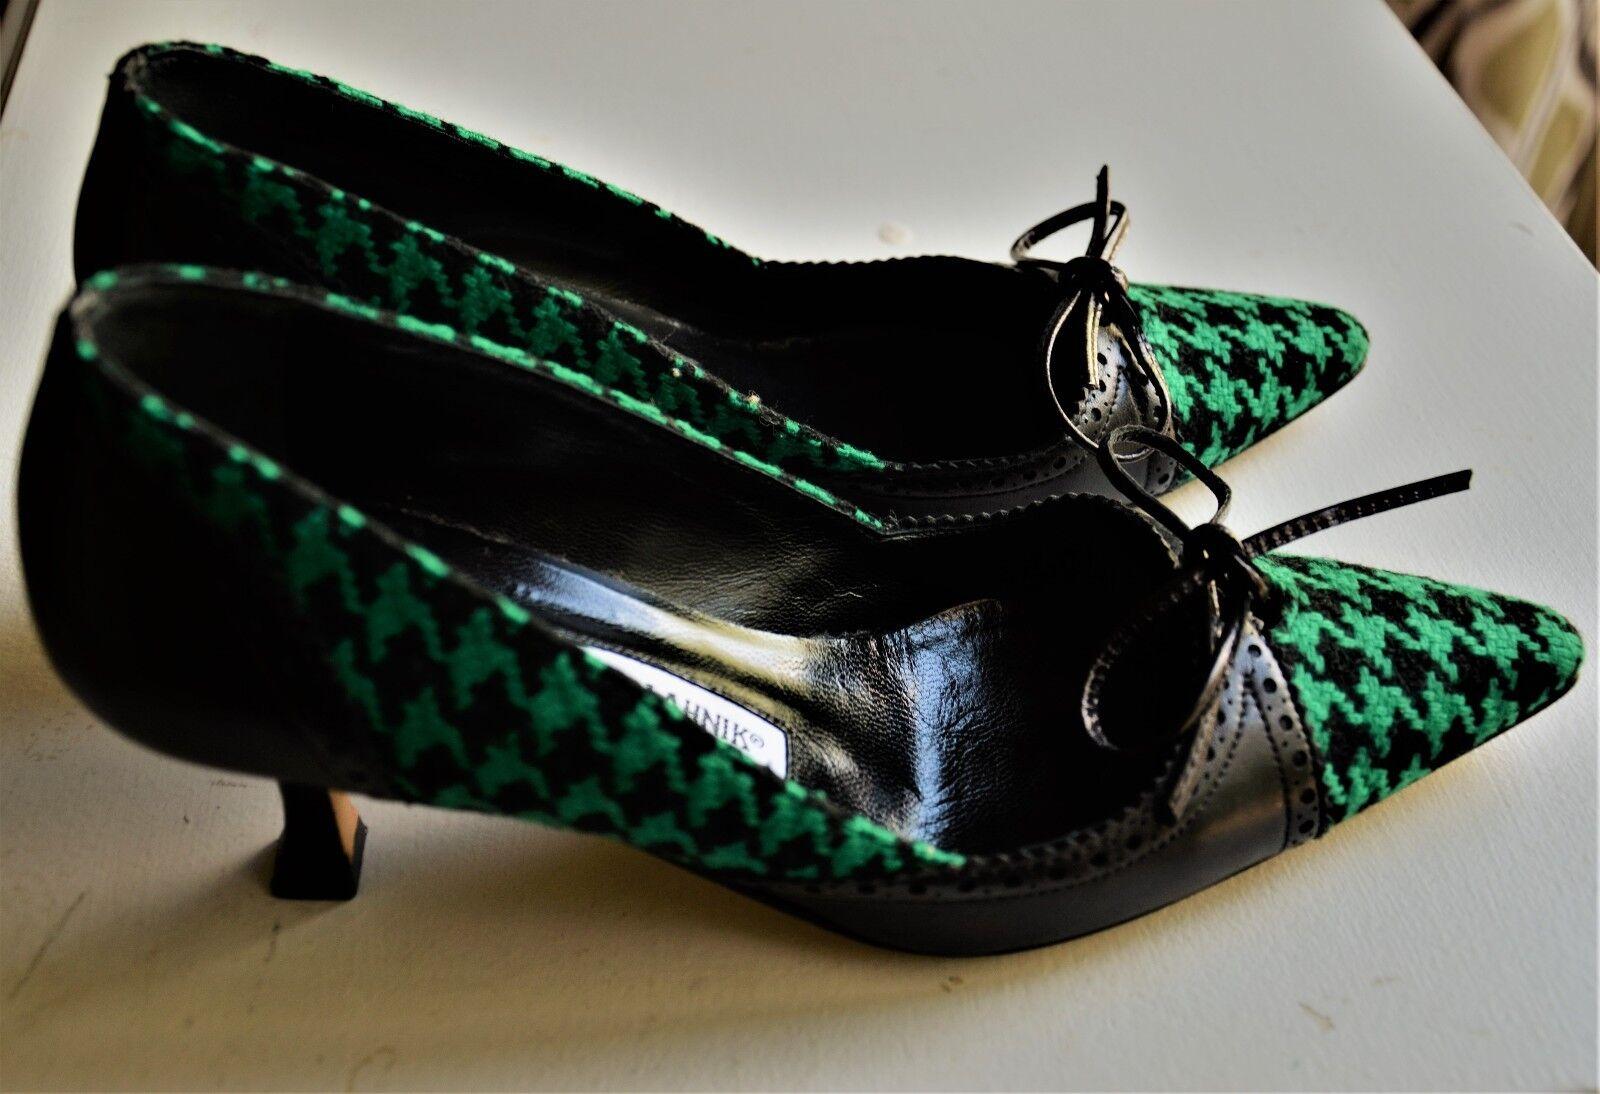 all'ingrosso a buon mercato Manolo Blahnik Donna  scarpe Dimensione 36 36 36  marchi di moda